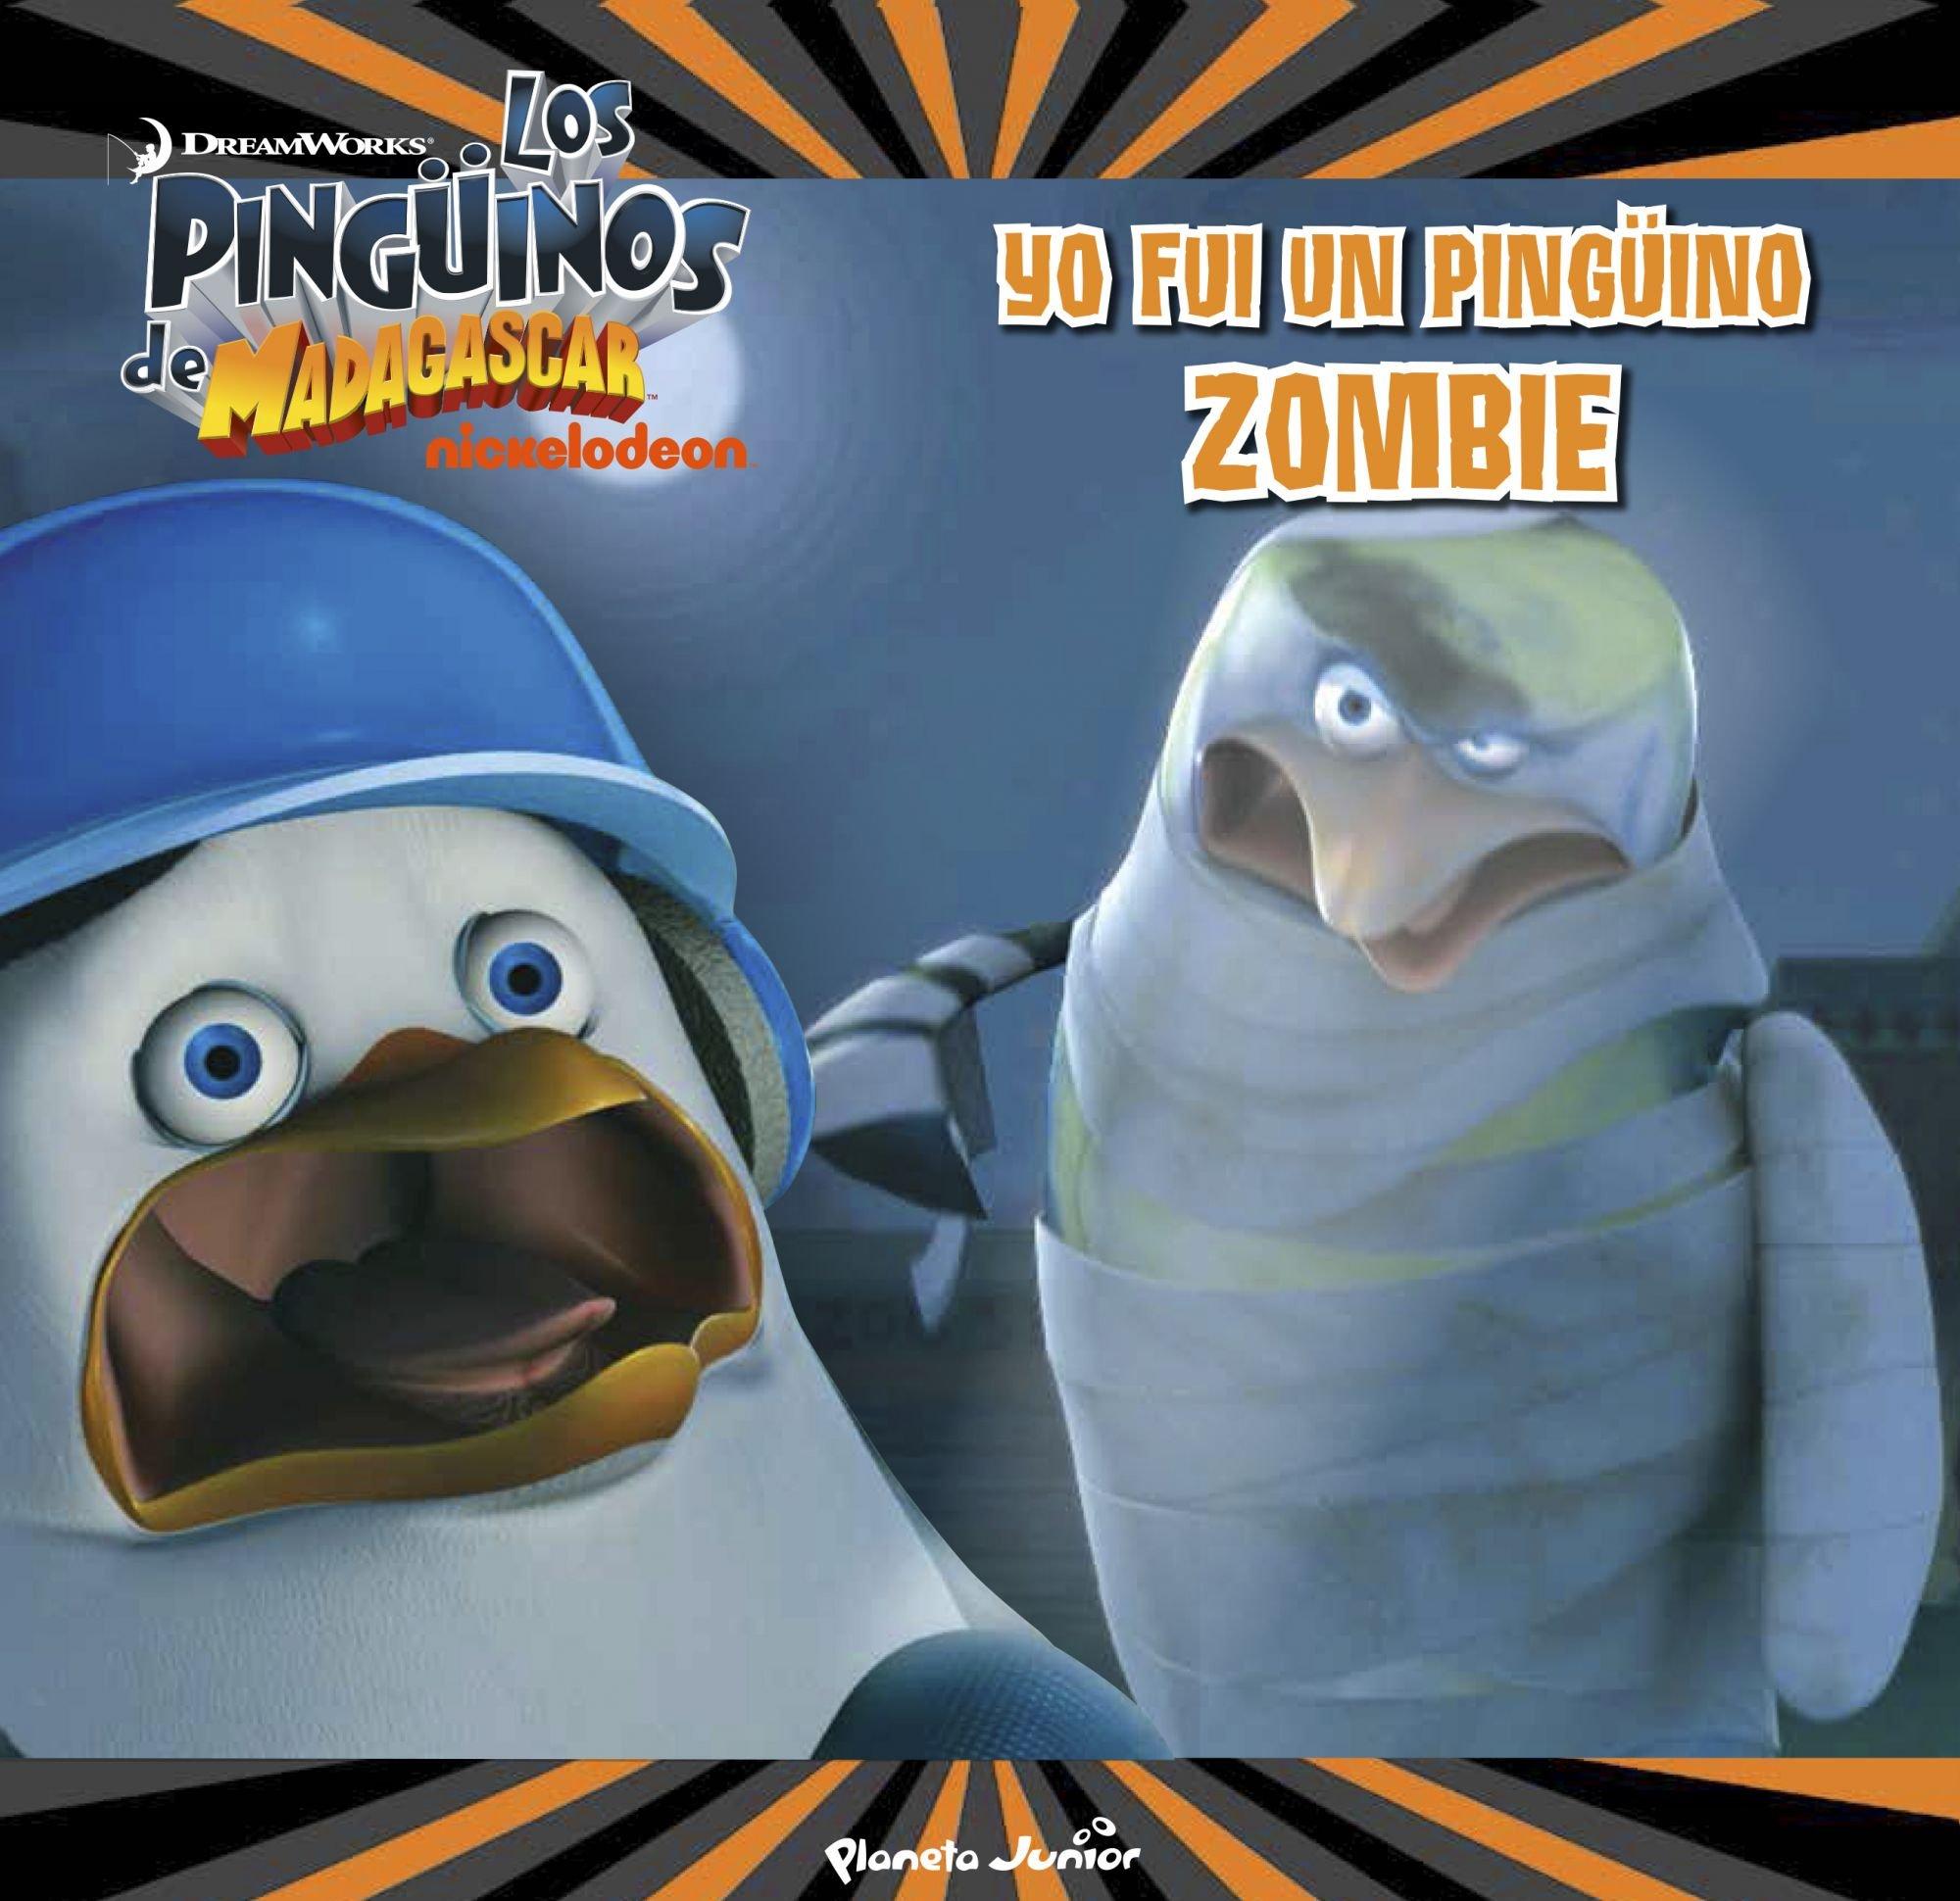 Los Pingüinos de Madagascar. Yo fui un pingüino zombi Dreamworks. Pingüinos de Madagascar: Amazon.es: Dreamworks, Editorial Planeta S. A.: Libros